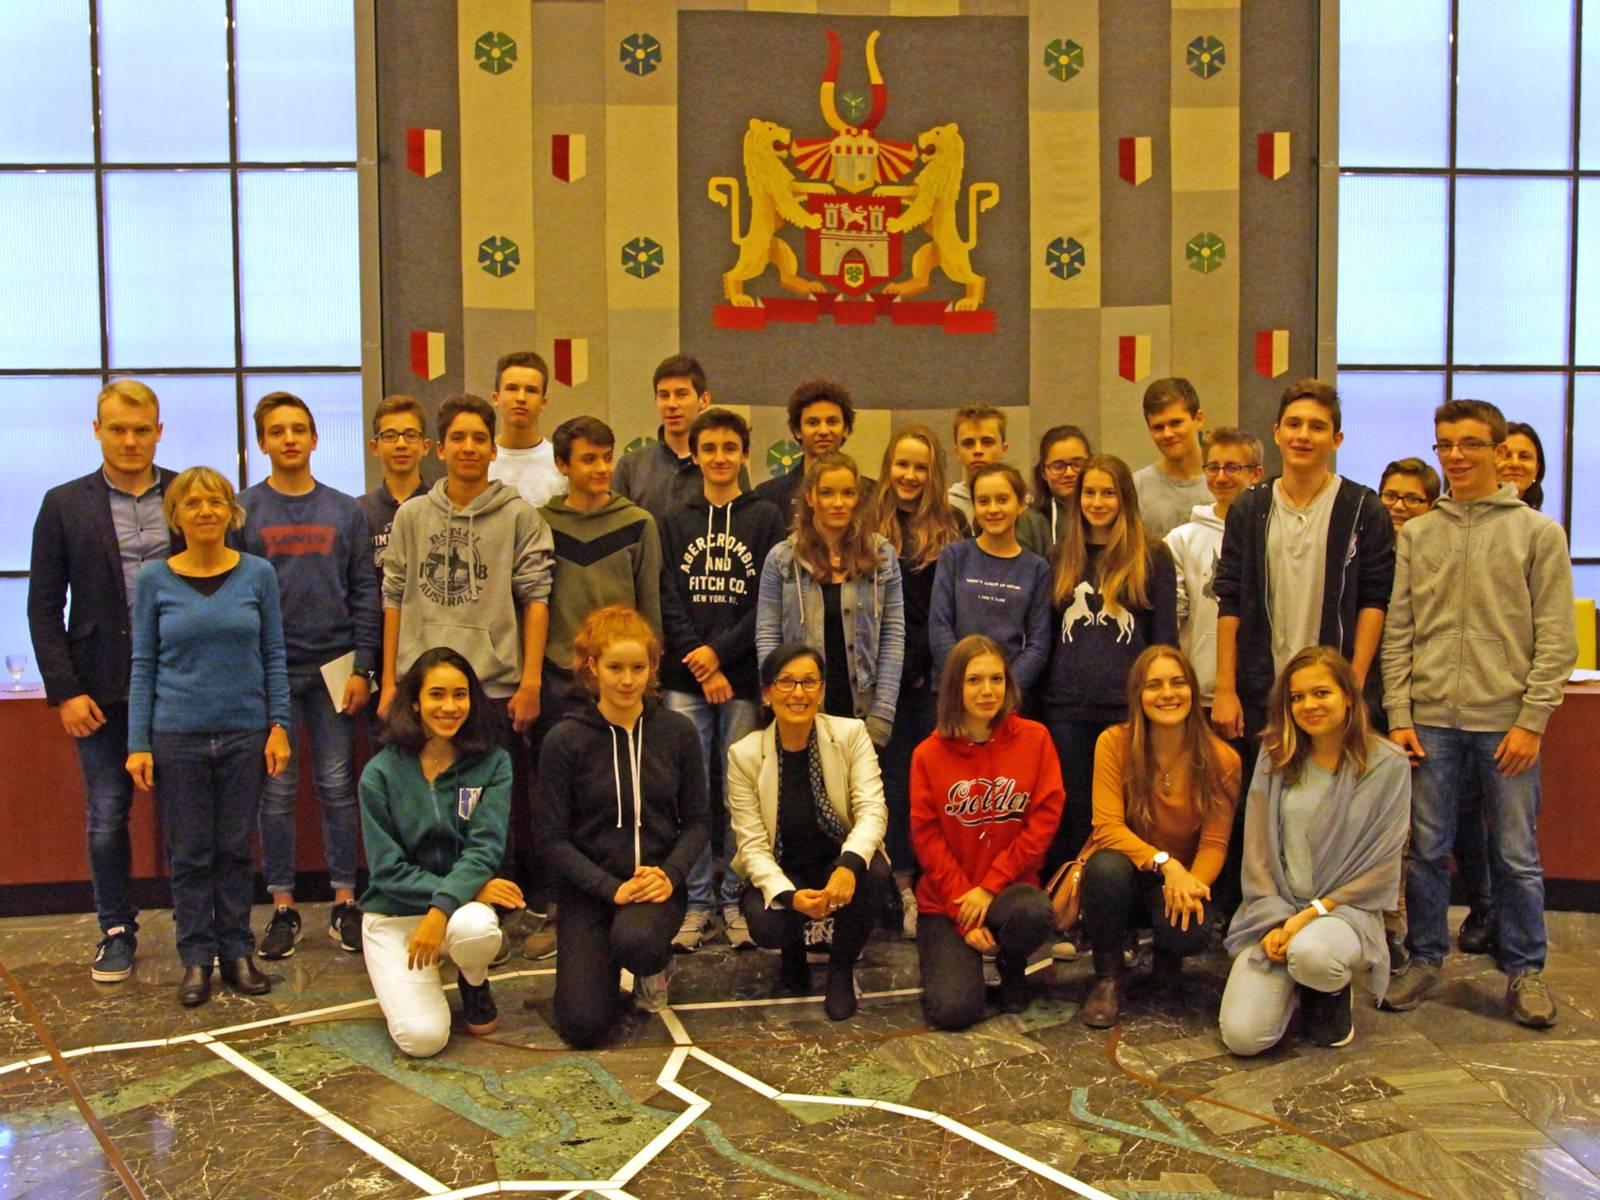 Schülerinnen und Schüler und Erwachsene in einem Saal.